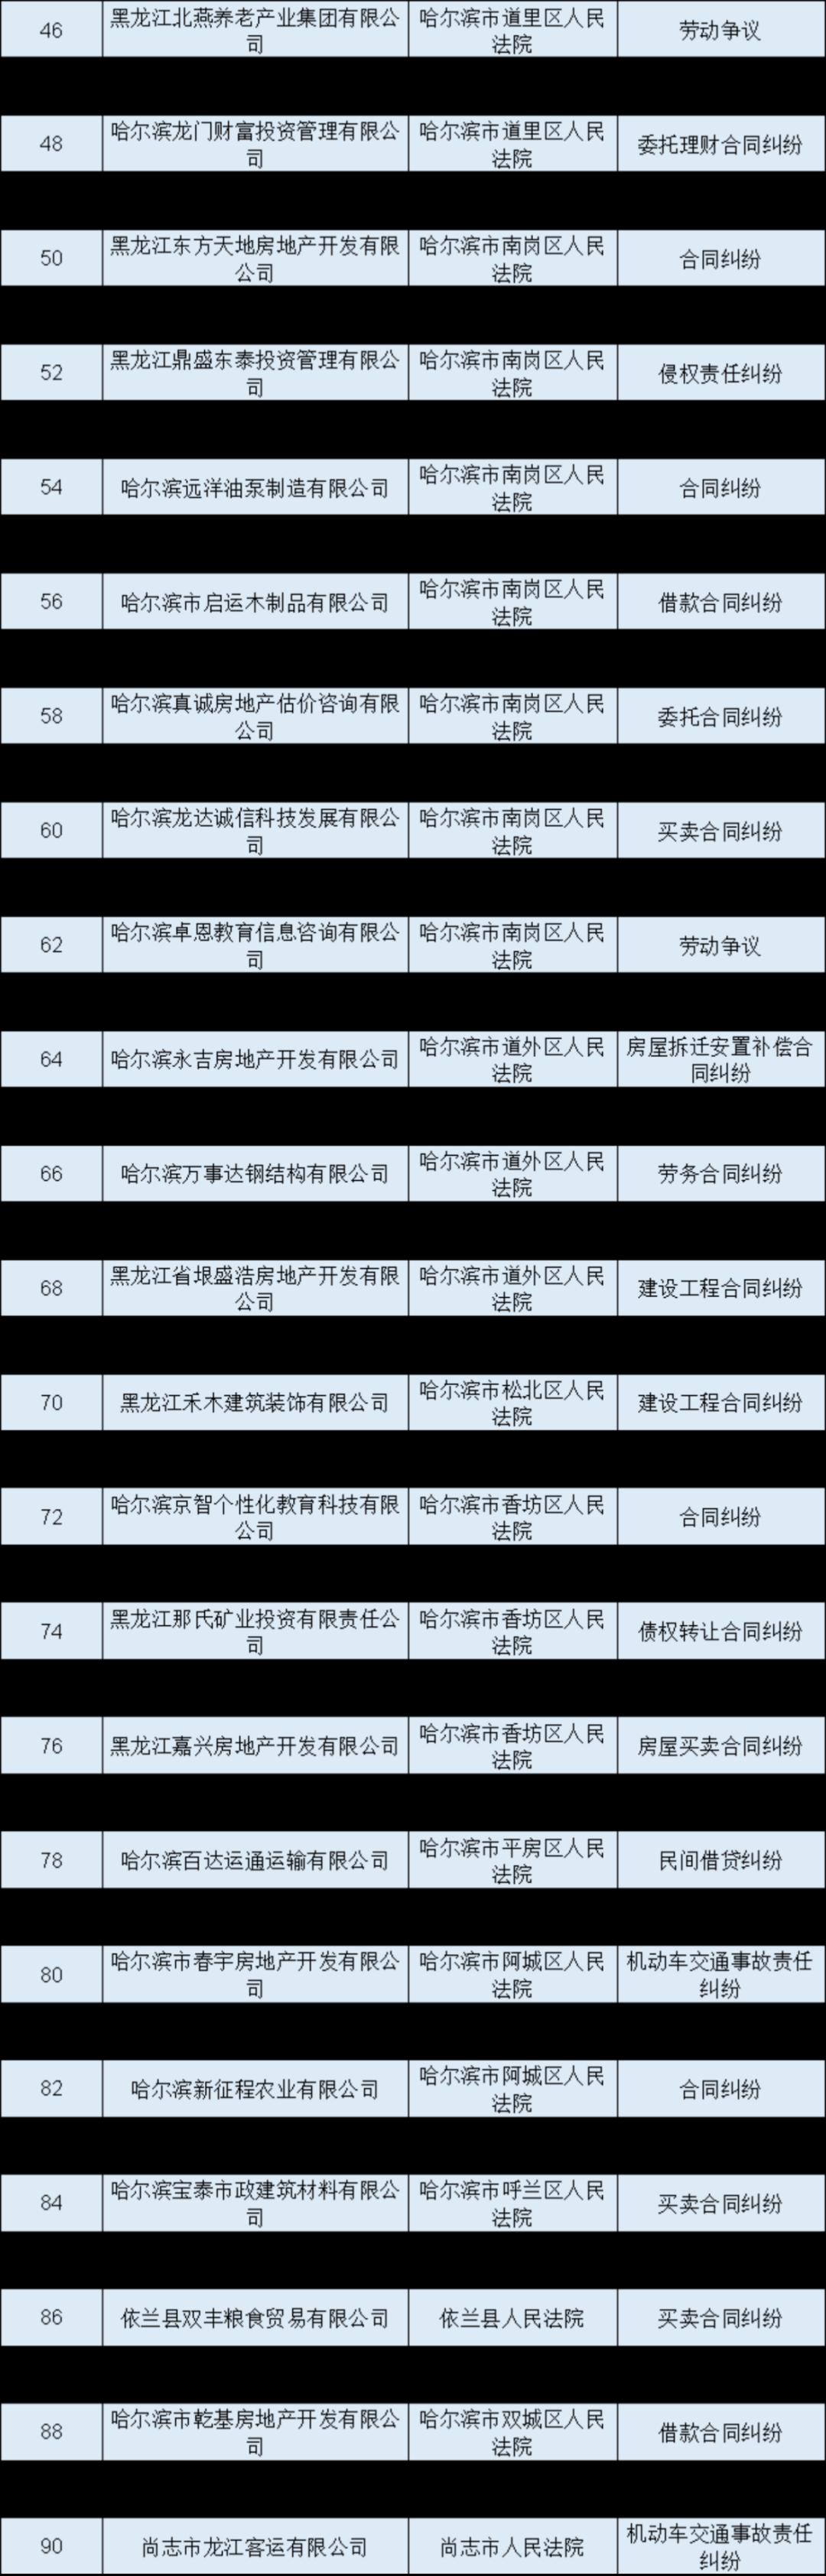 黑龙江最新失信被执行人名单公布 这些房企买房一定要绕开哈尔滨插图(1)